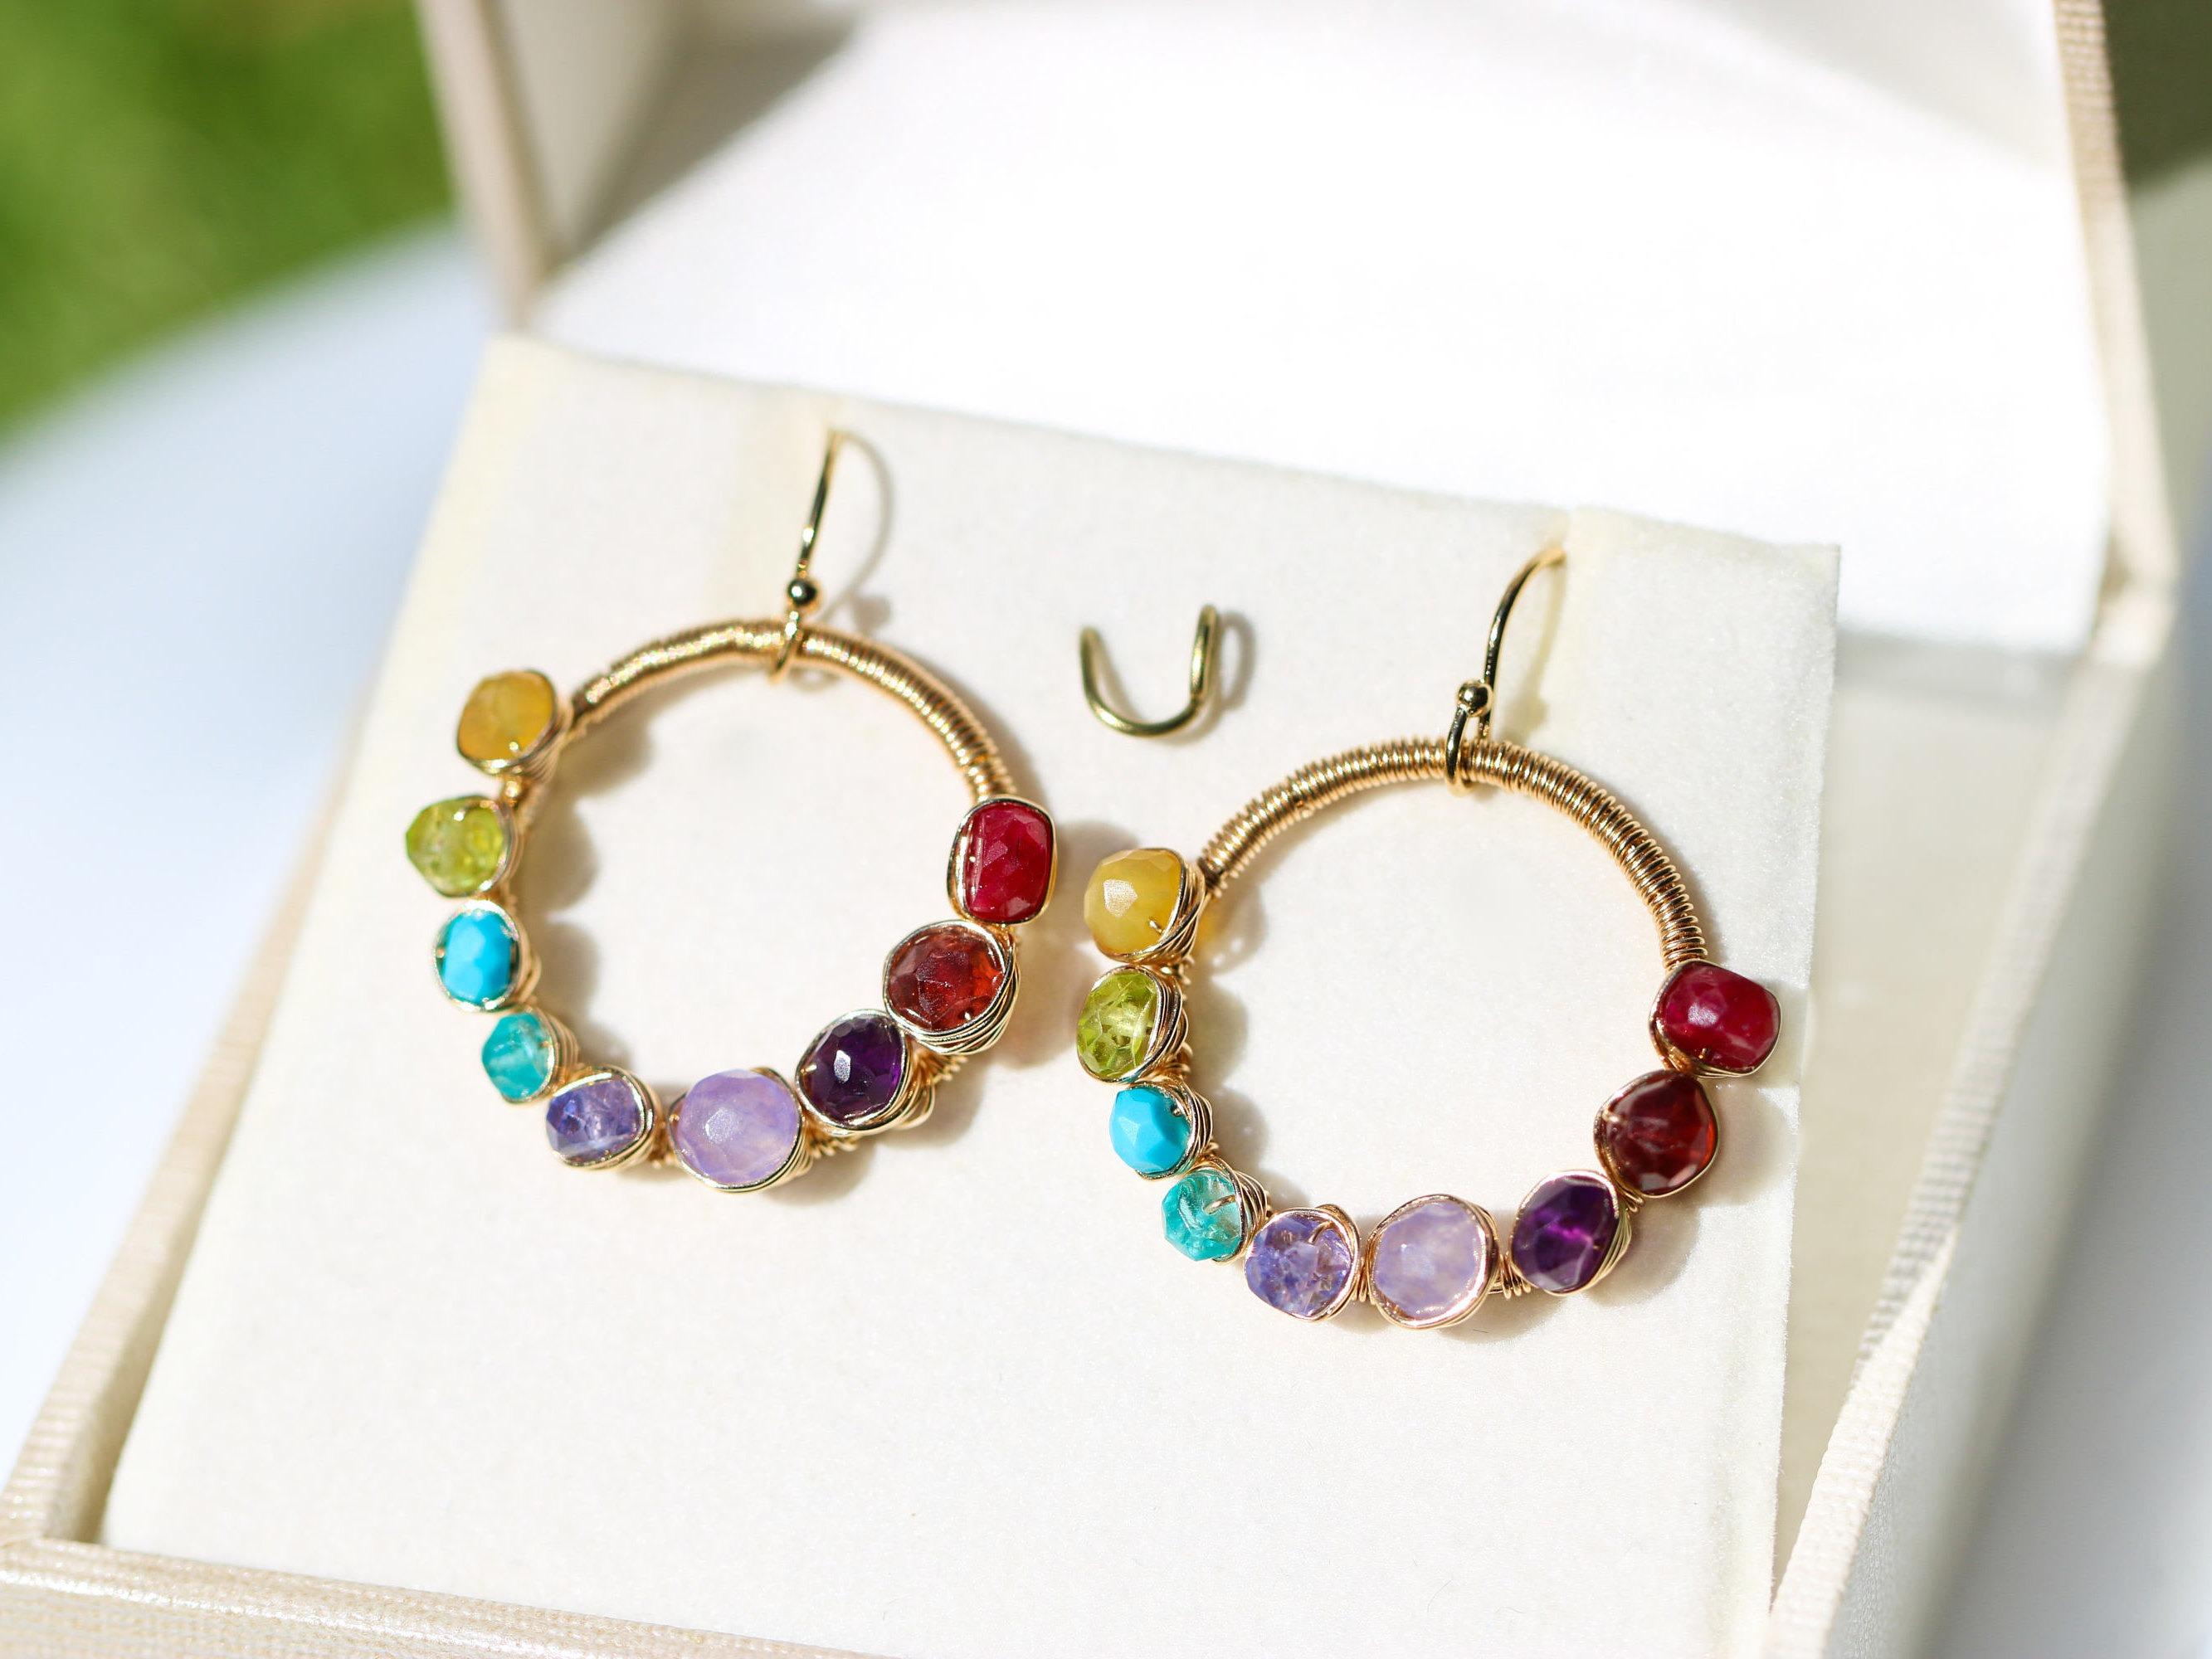 Rainbow Gemstone Wire Wrapped Hoop Earrings - Valltasy